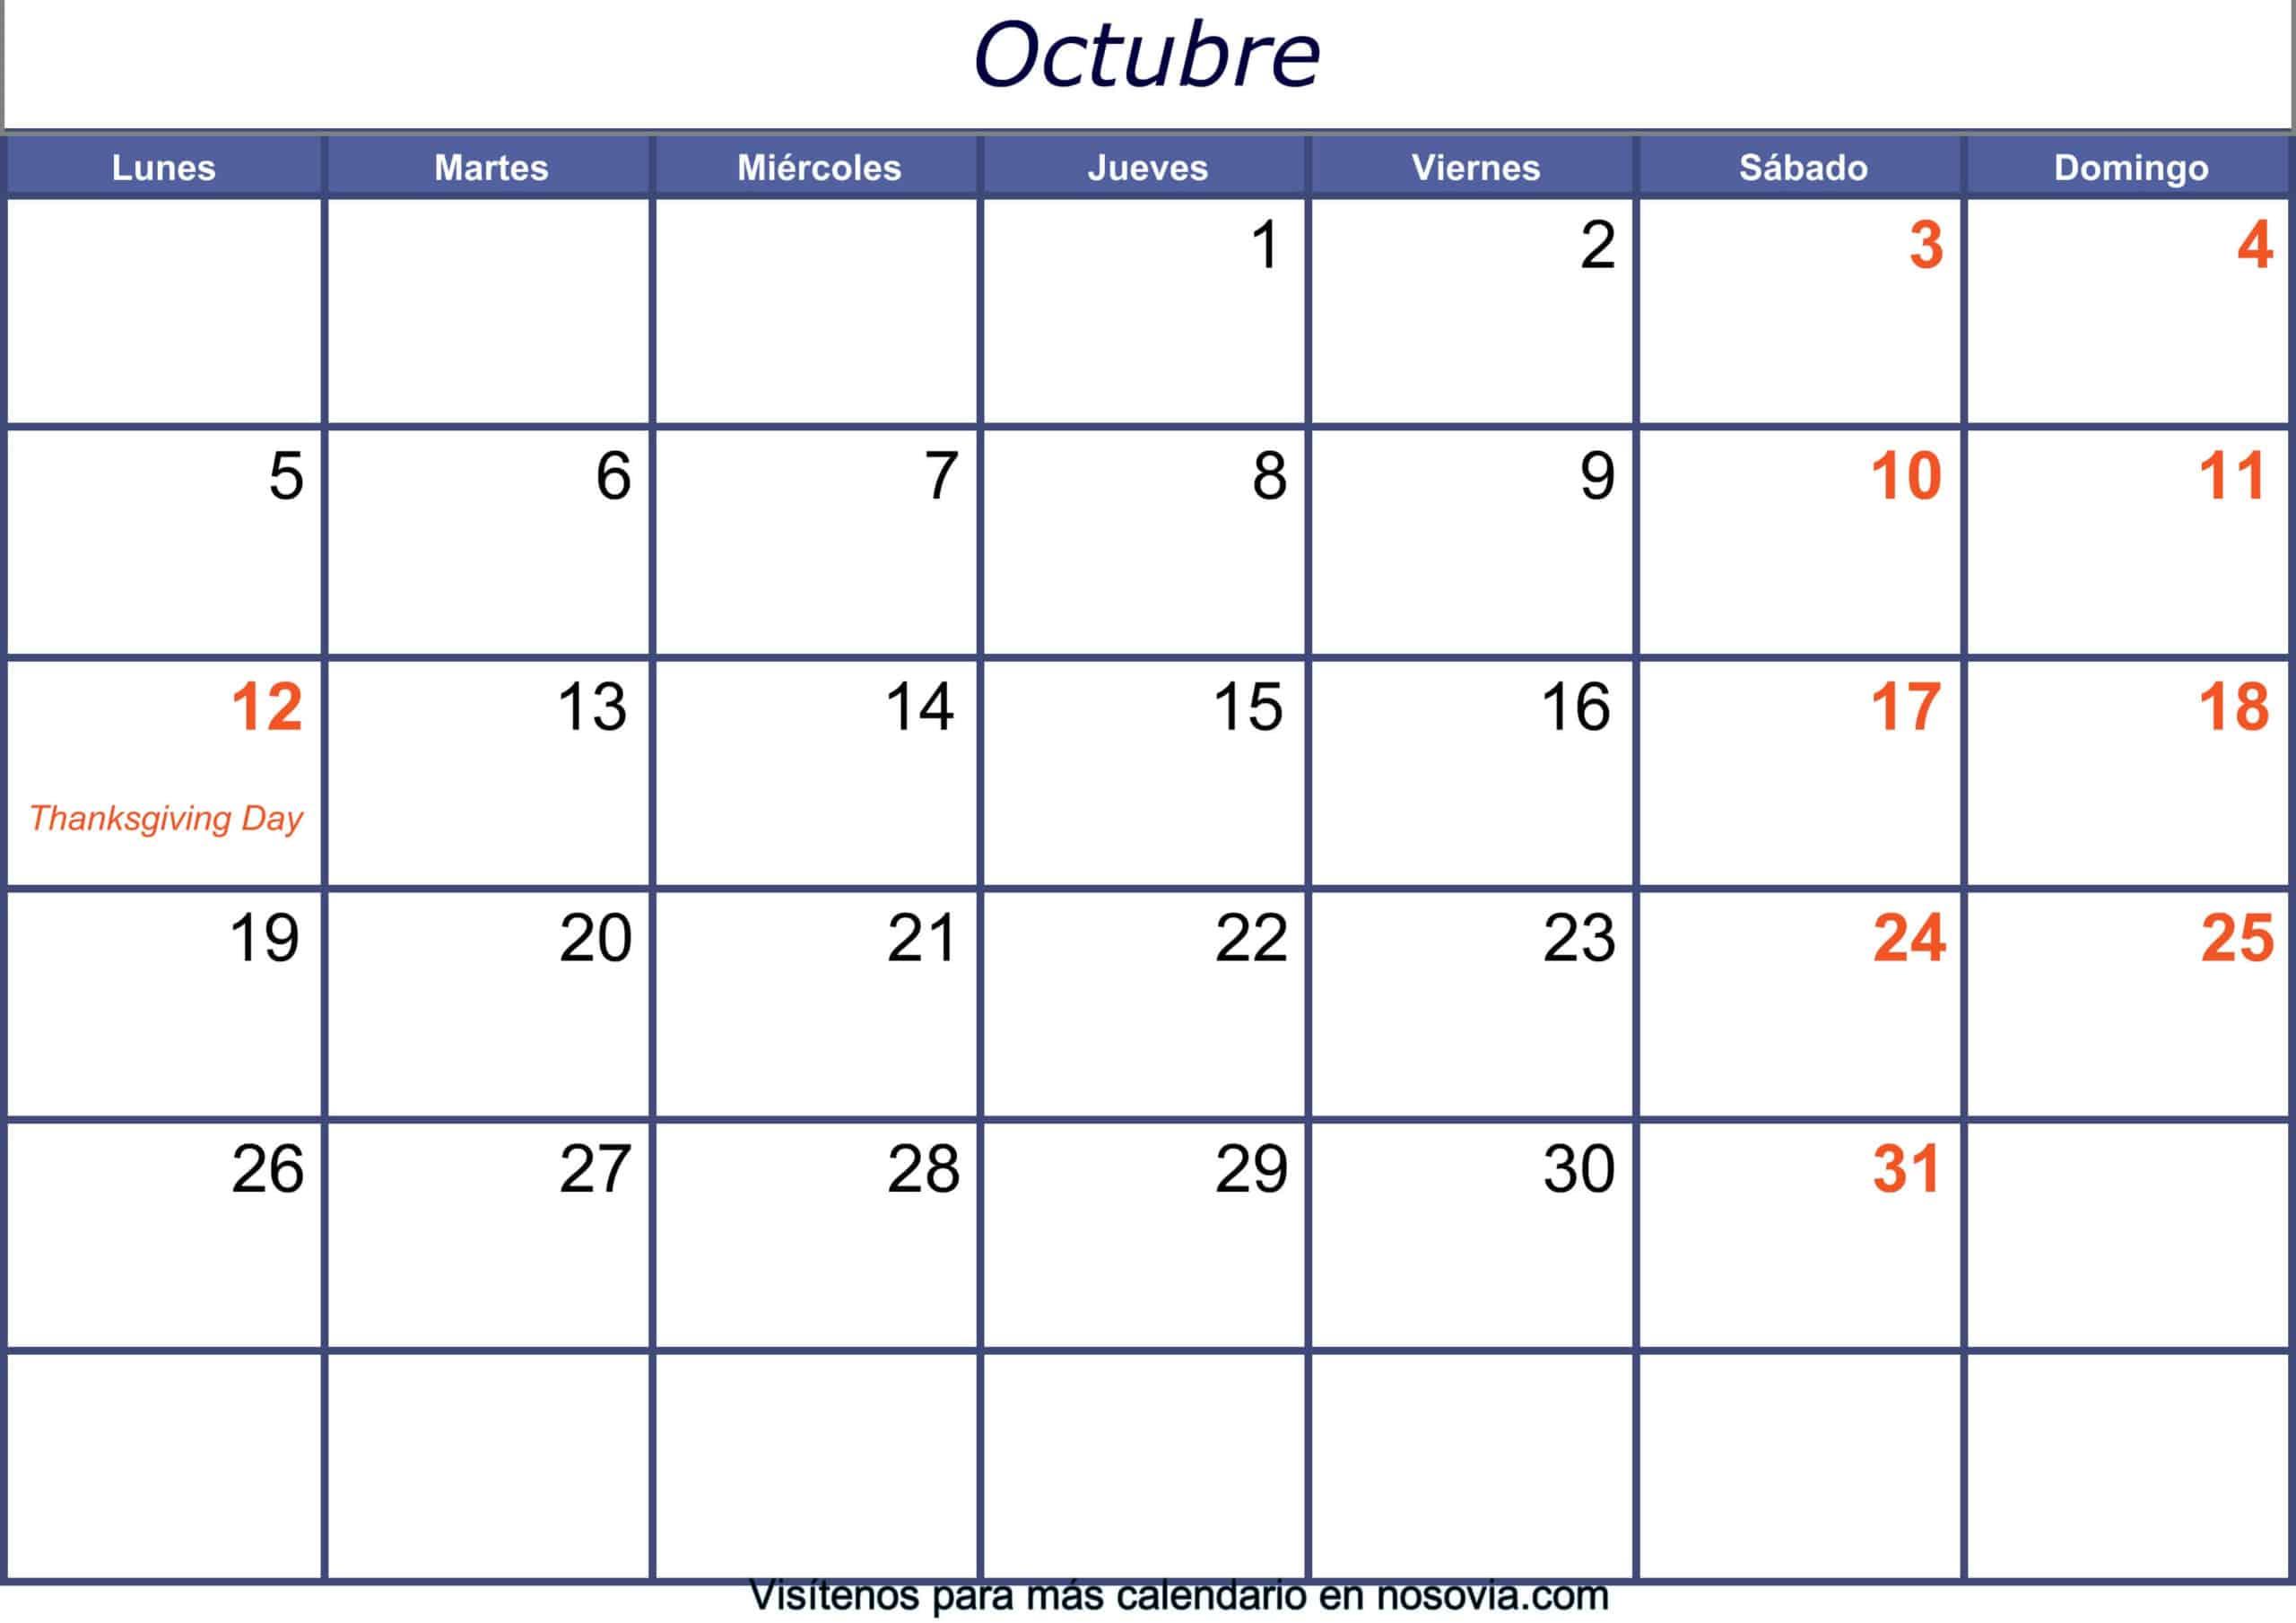 Calendario-octubre-2020-con-festivos-para-imprimir